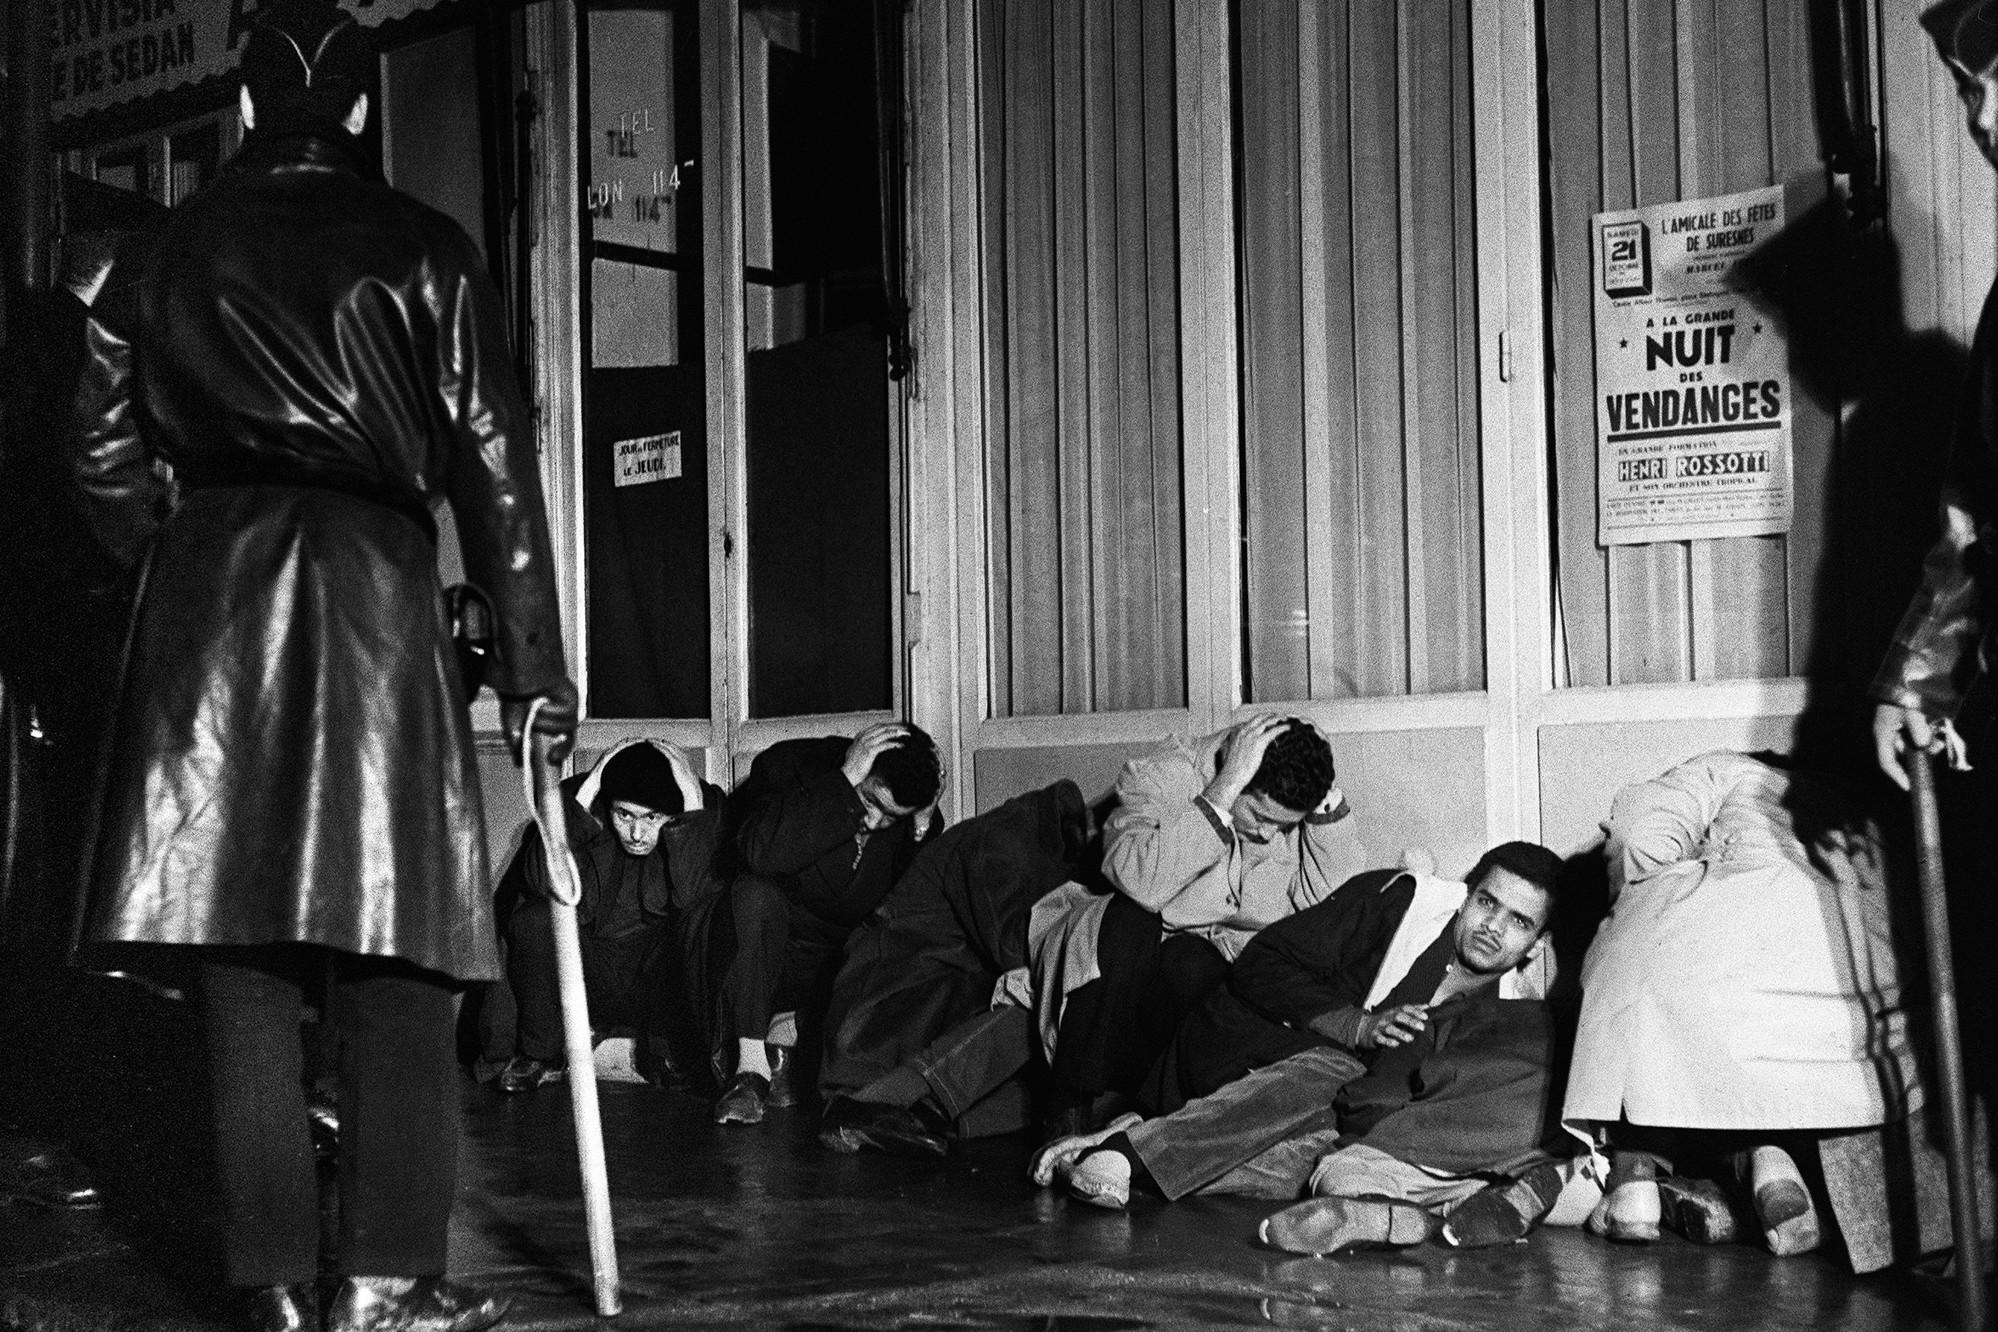 """17 octobre 1961, une manifestation pacifique d'Algériens devient """"ratonnade"""" ."""